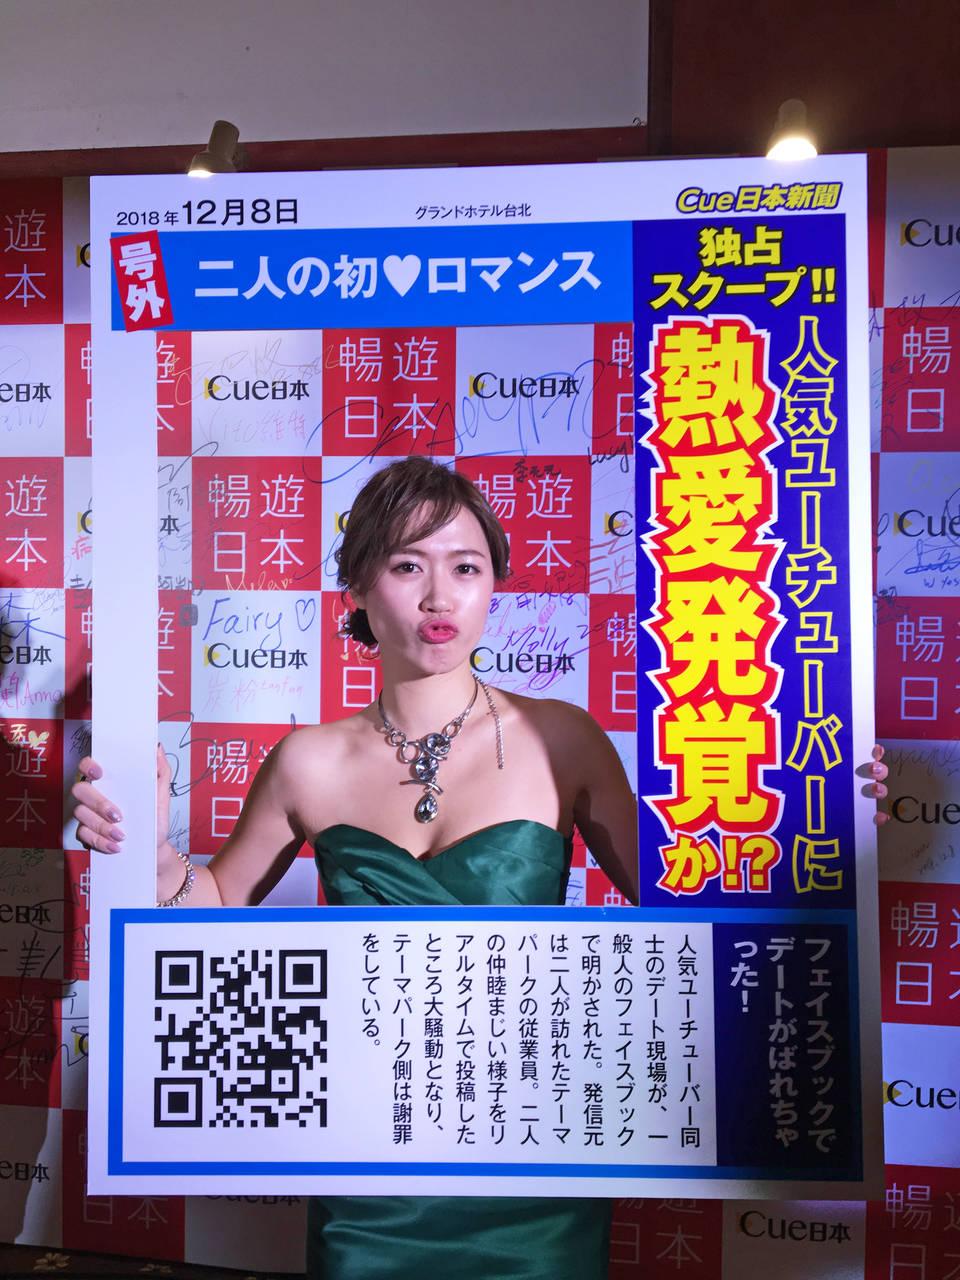 特地拿Cue日本看板擺出可愛鬼臉的MaoMao超迷人的啦!